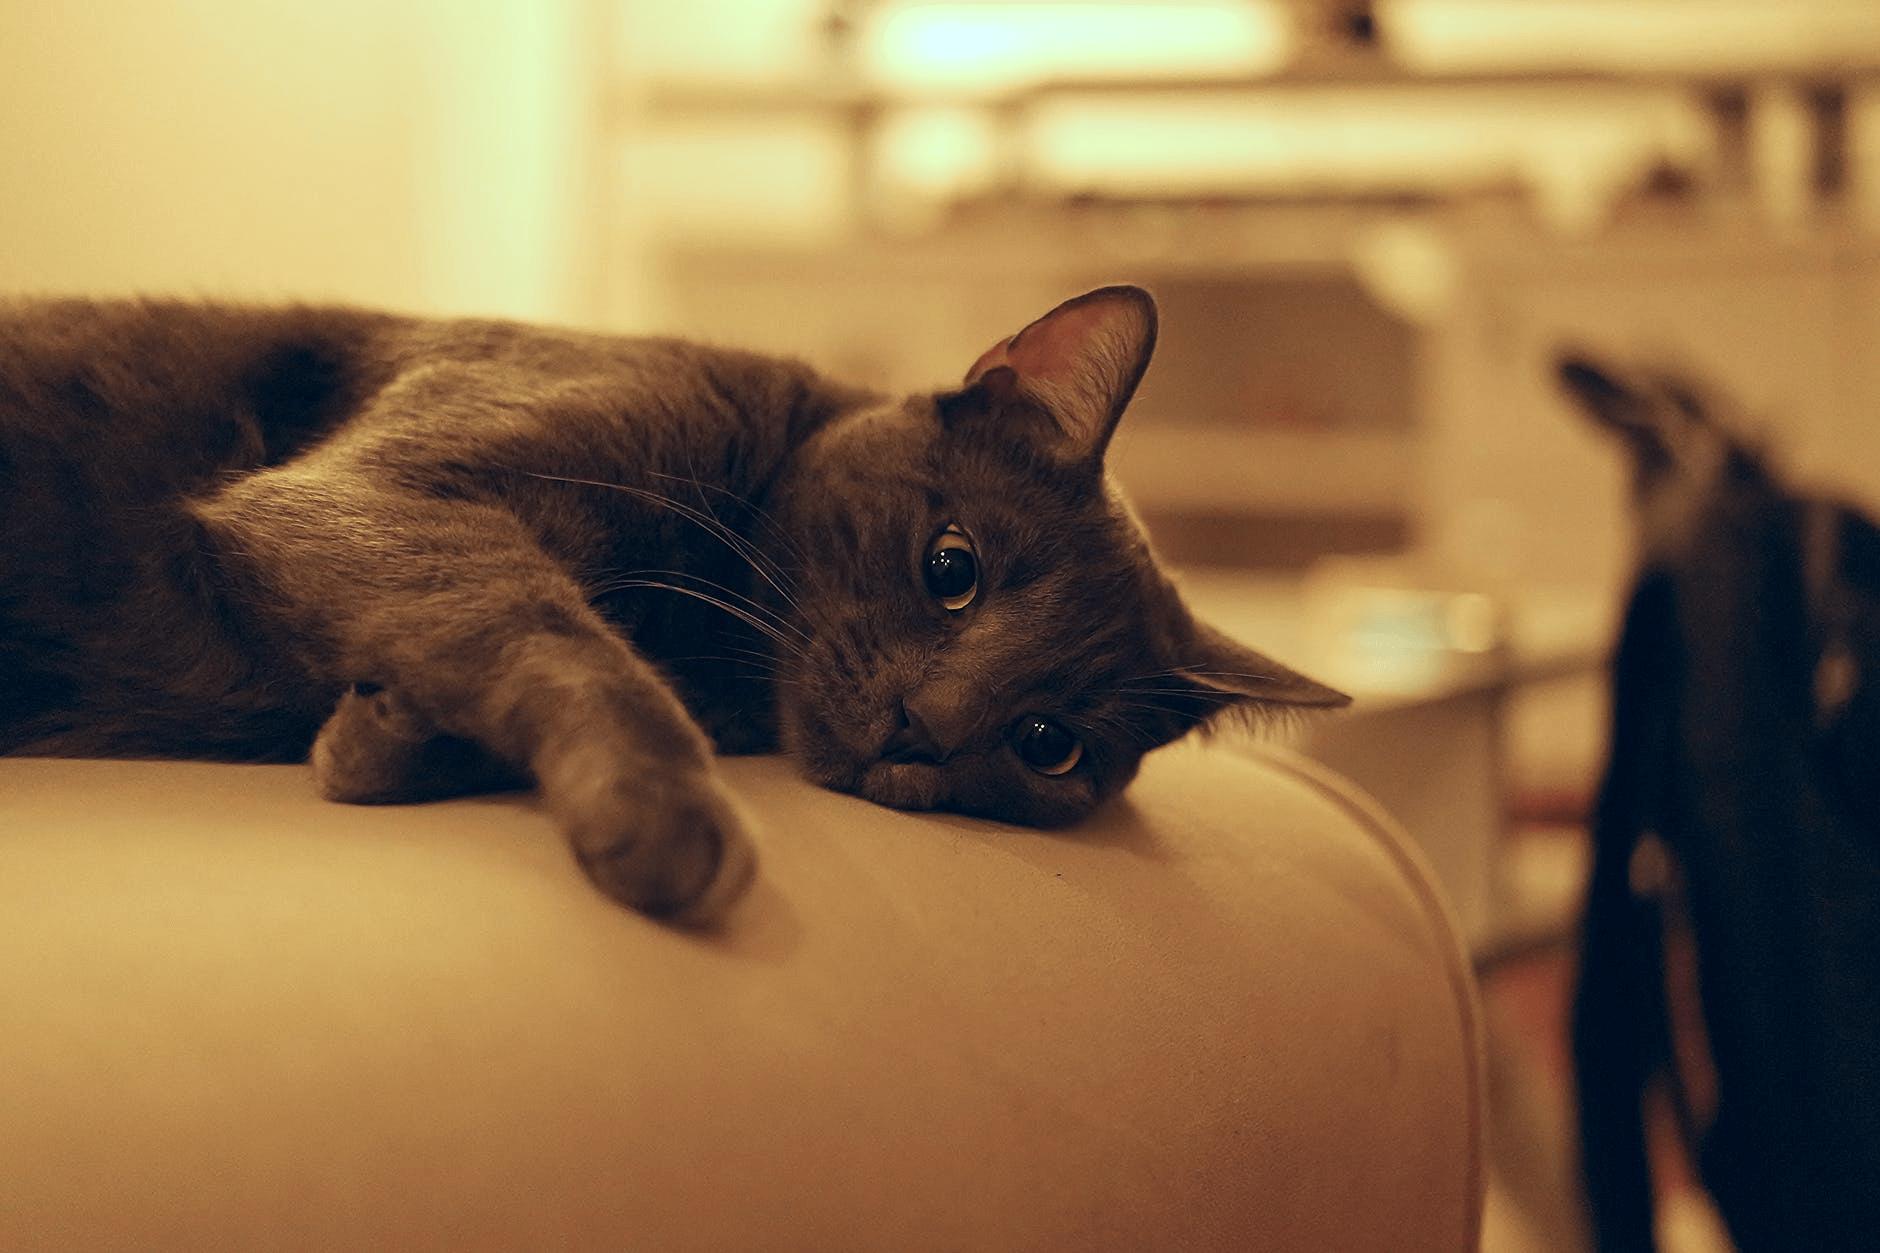 На Кубани хозяева лечили кота от блох спреем от комаров, животное погибло